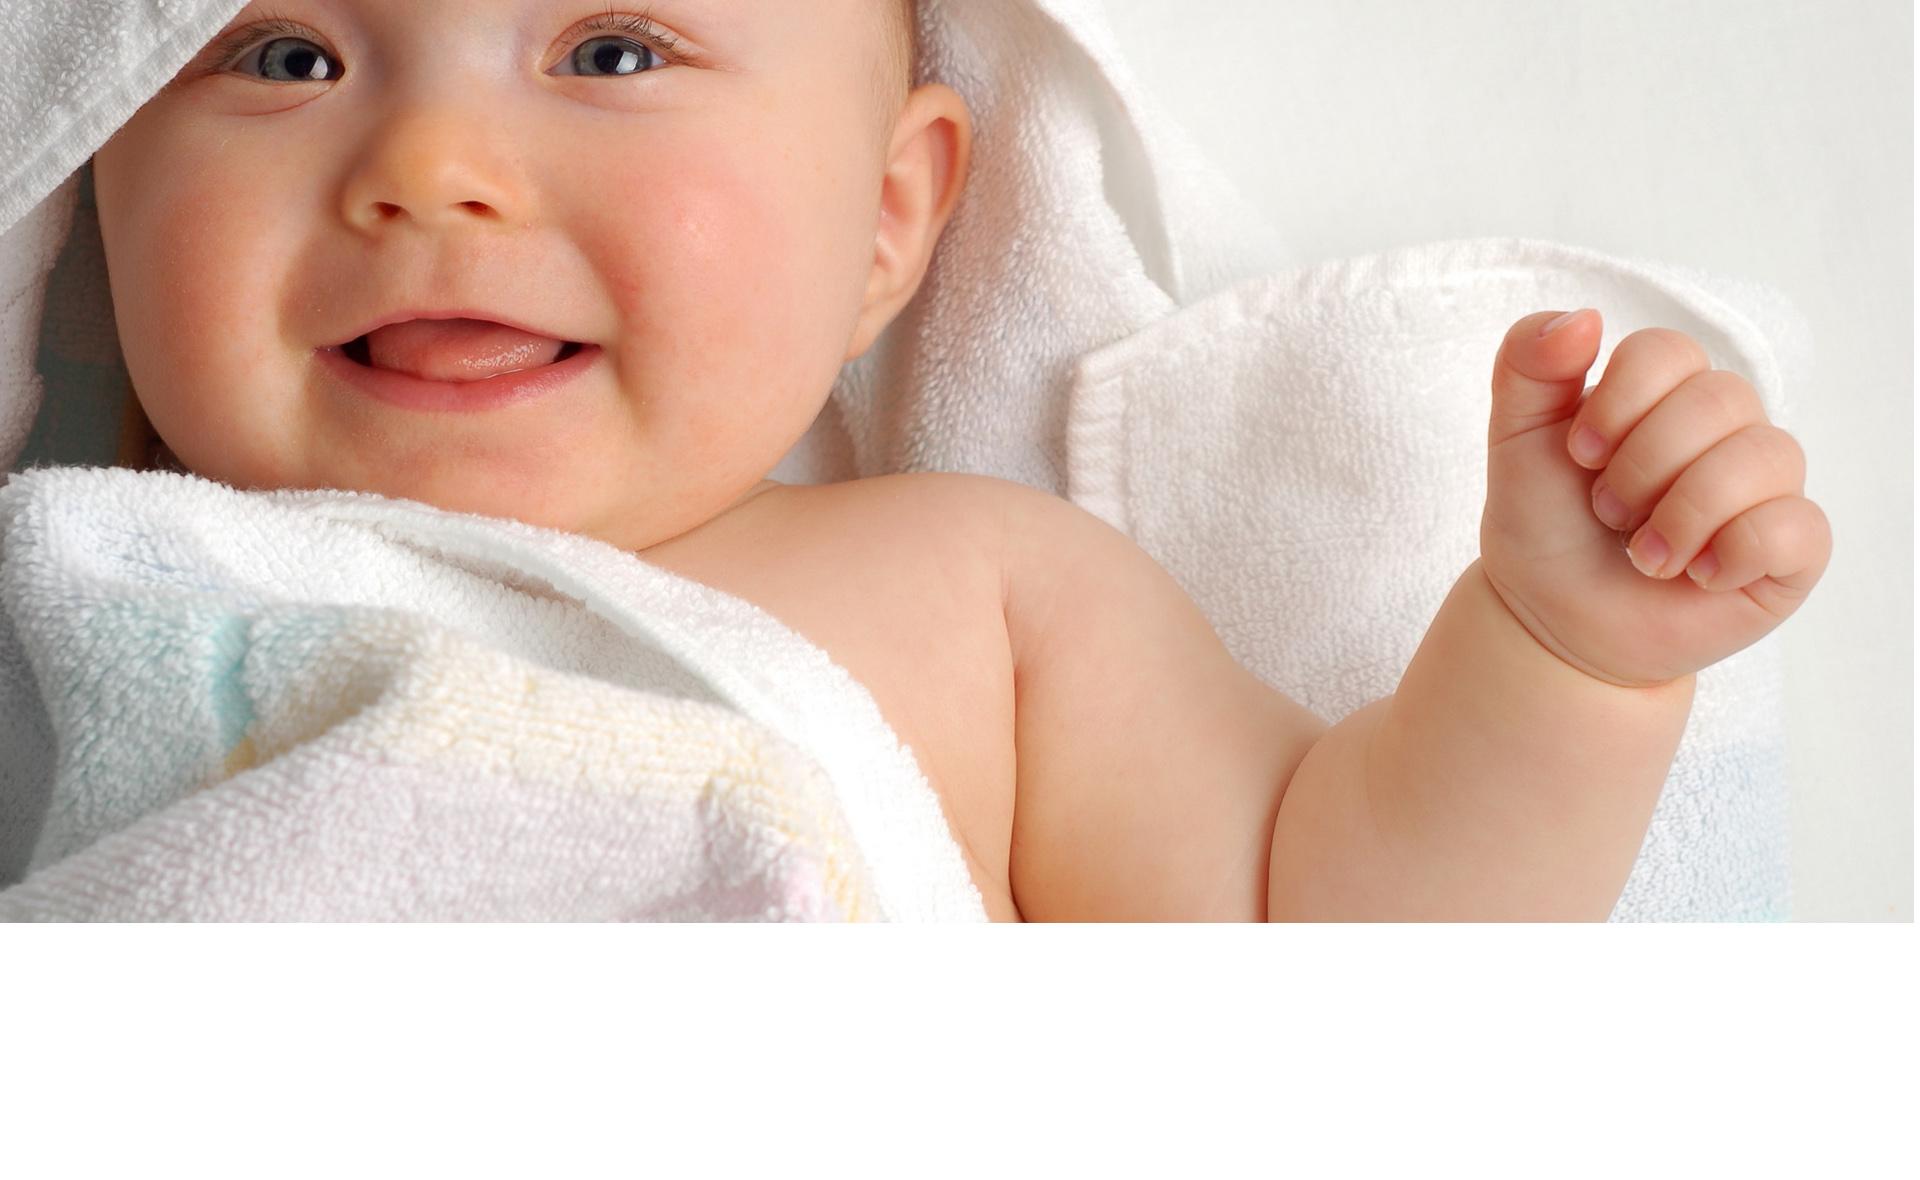 babyslider1